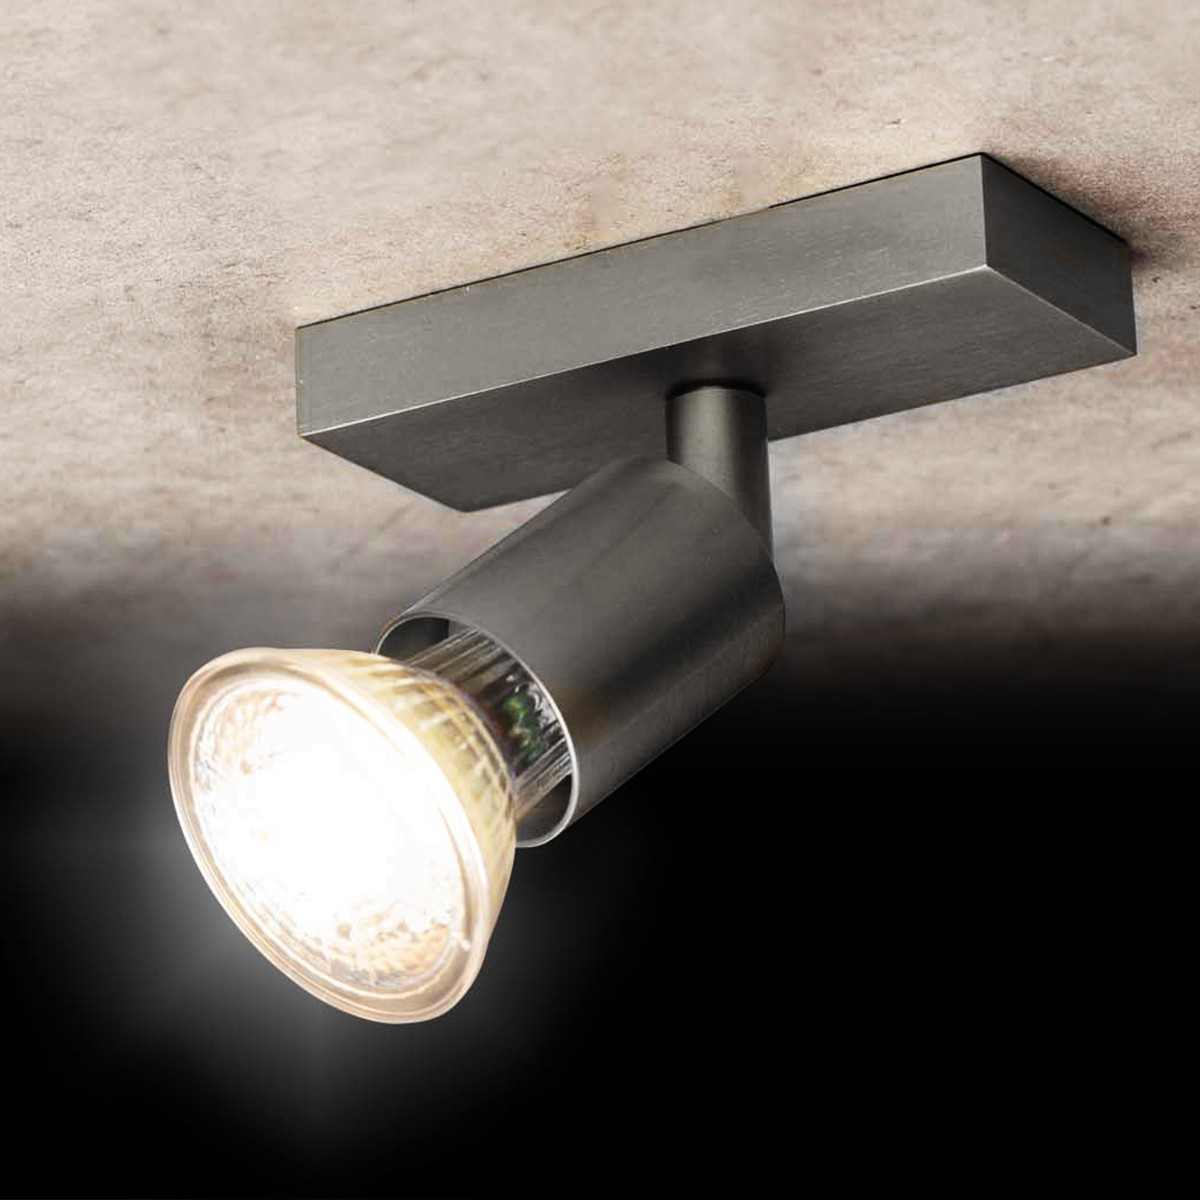 Holtkötter Leuchten 4501 Deckenstrahler, Aluminium matt, 1-flg.